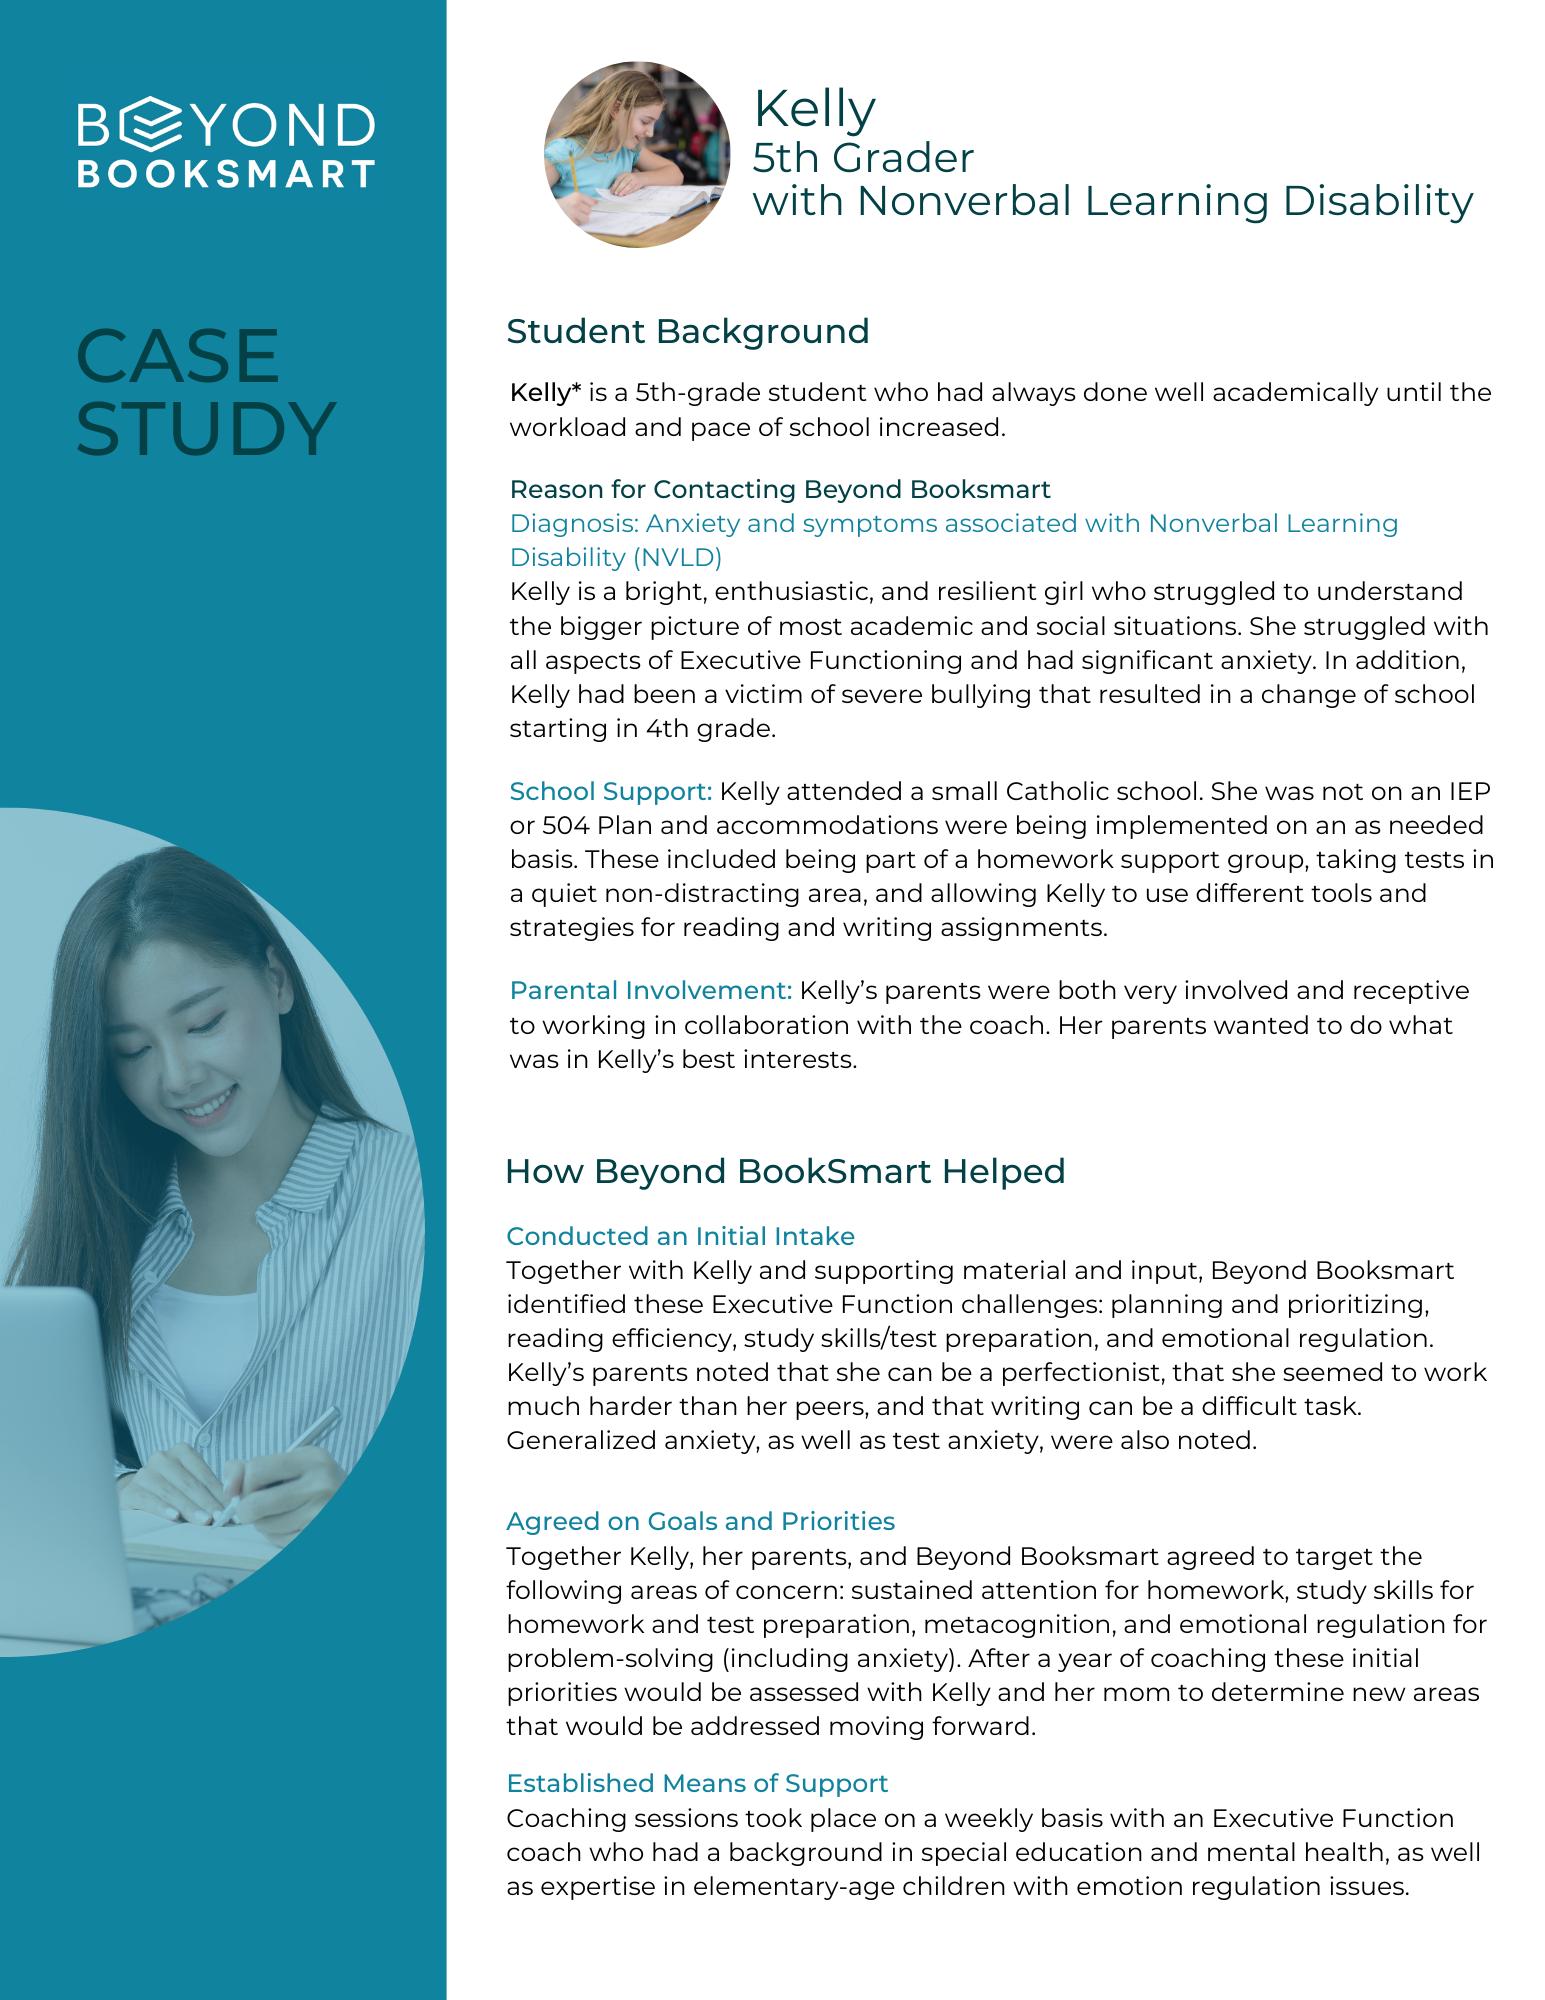 Case Study #2 Kelly